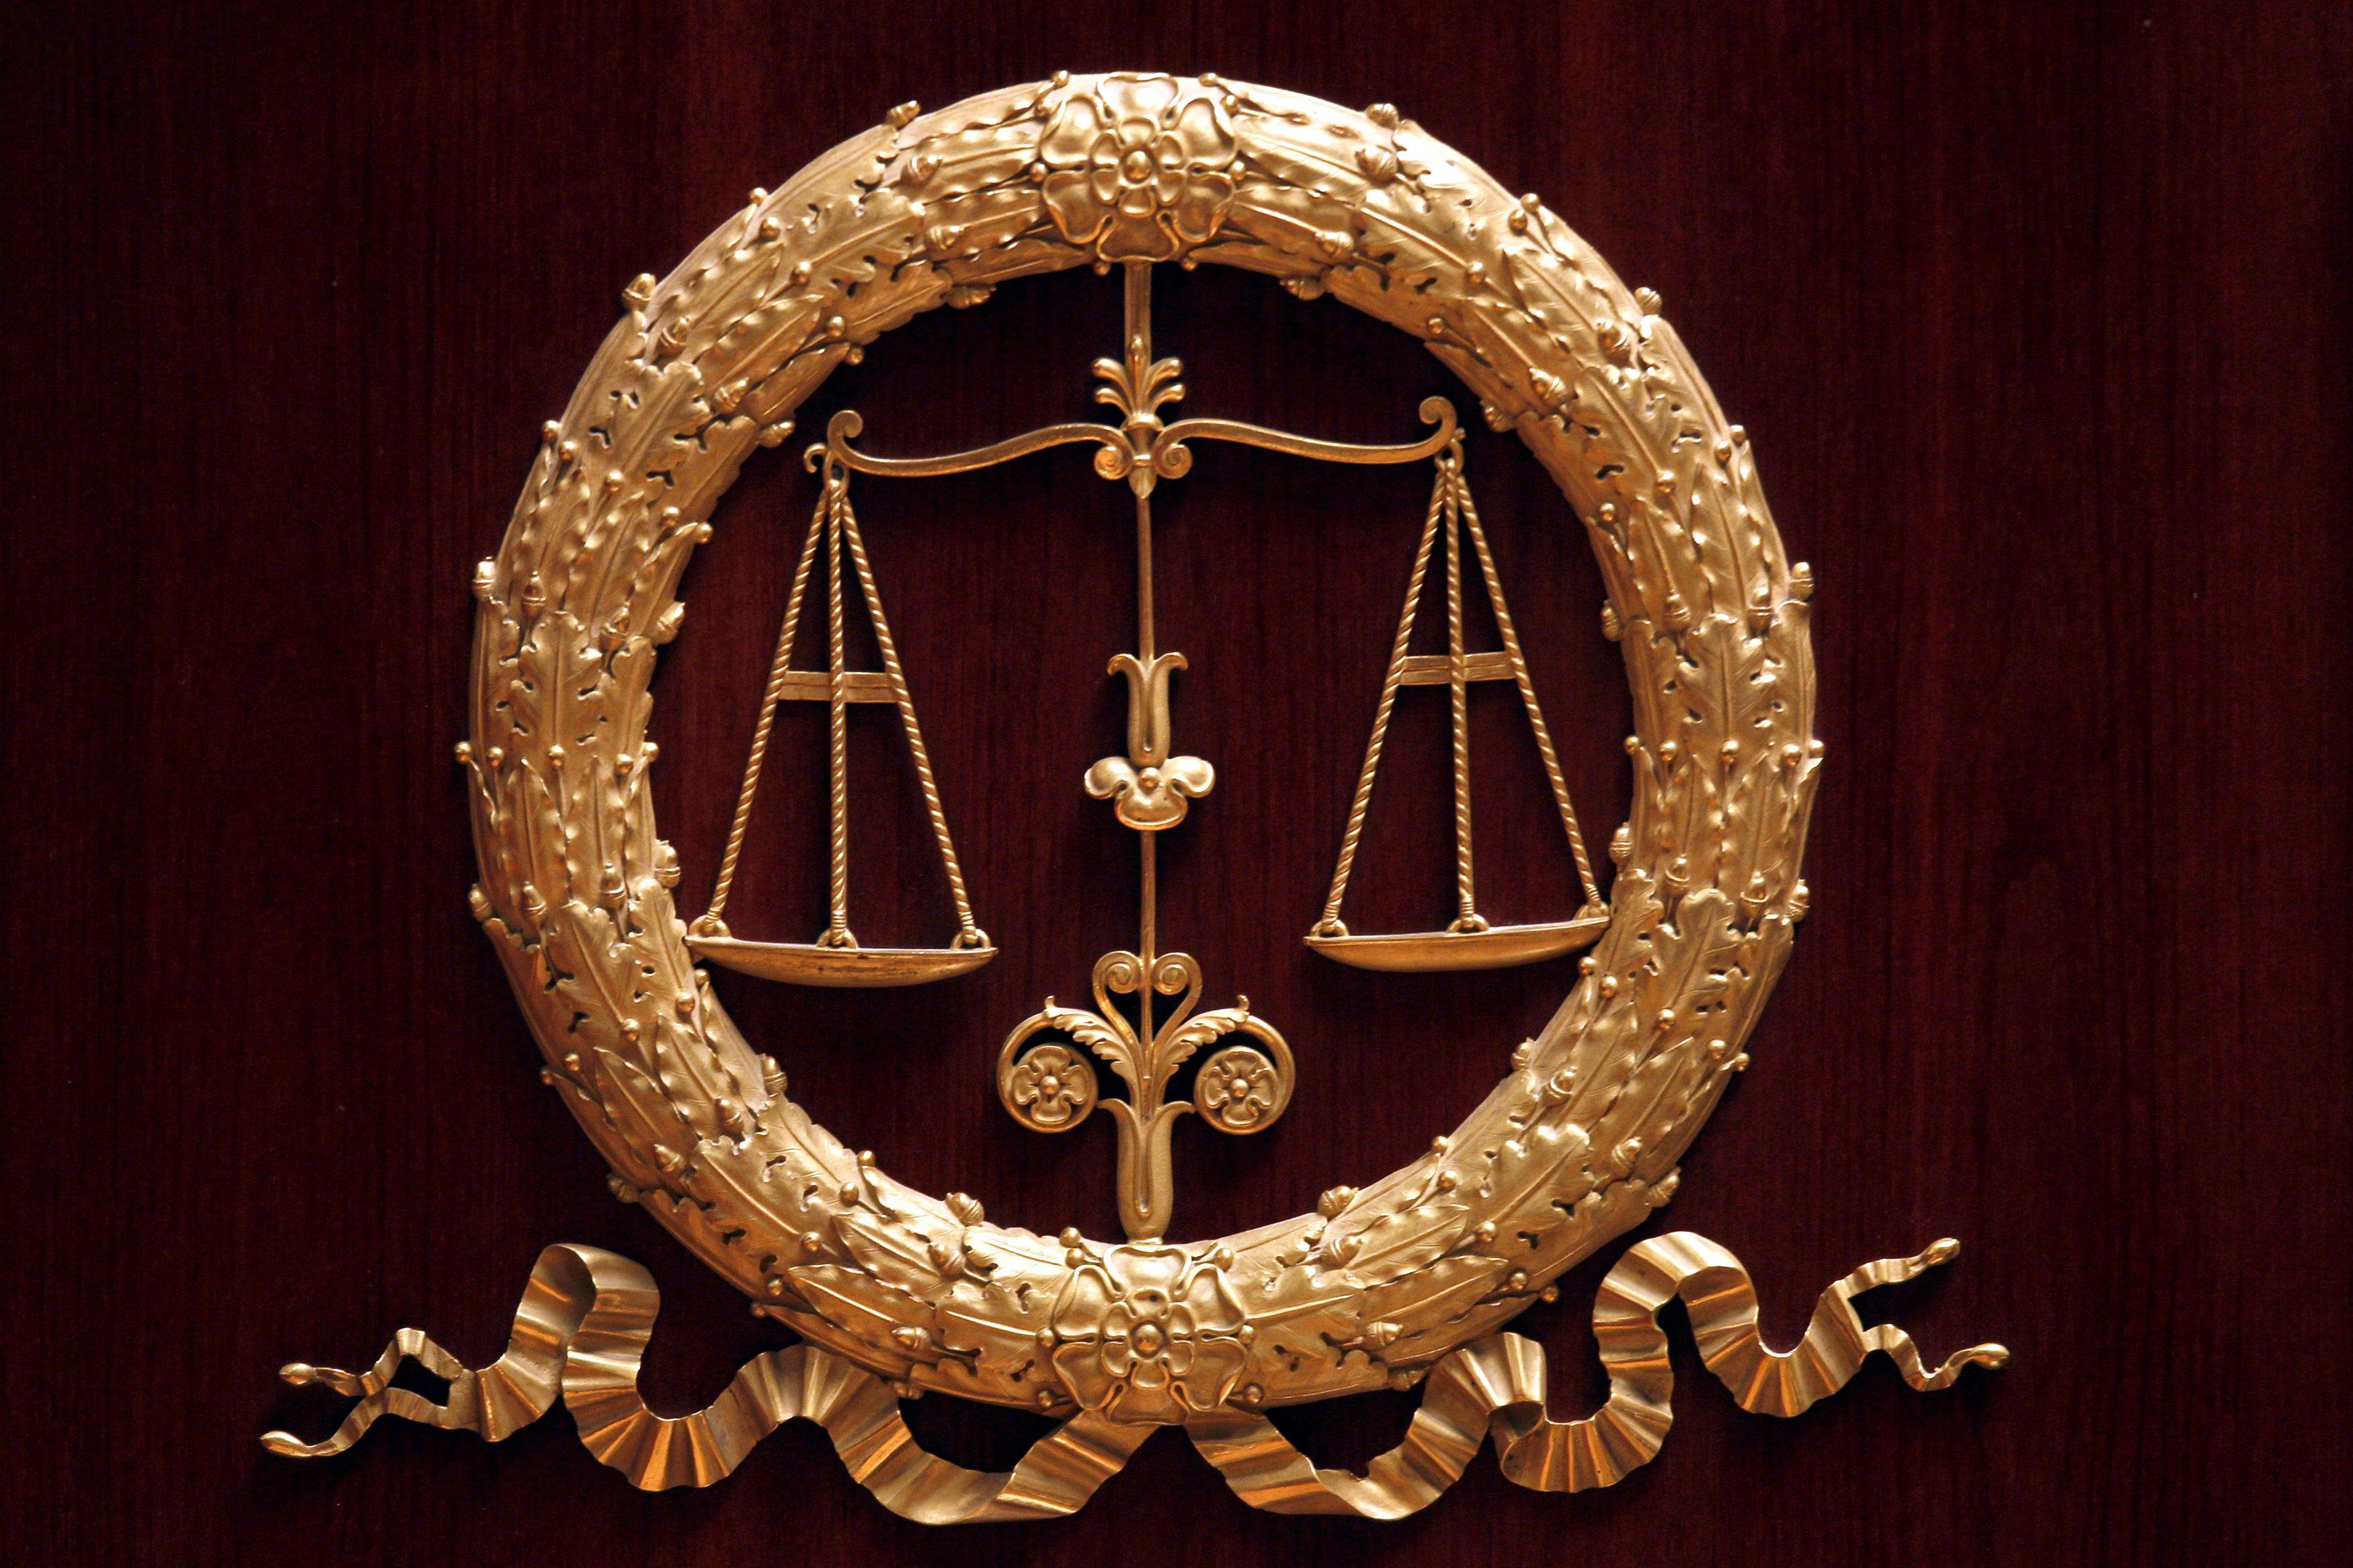 Gestion de la crise du Covid-19 : le parquet de Paris annonce avoir ouvert quatre informations judiciaires